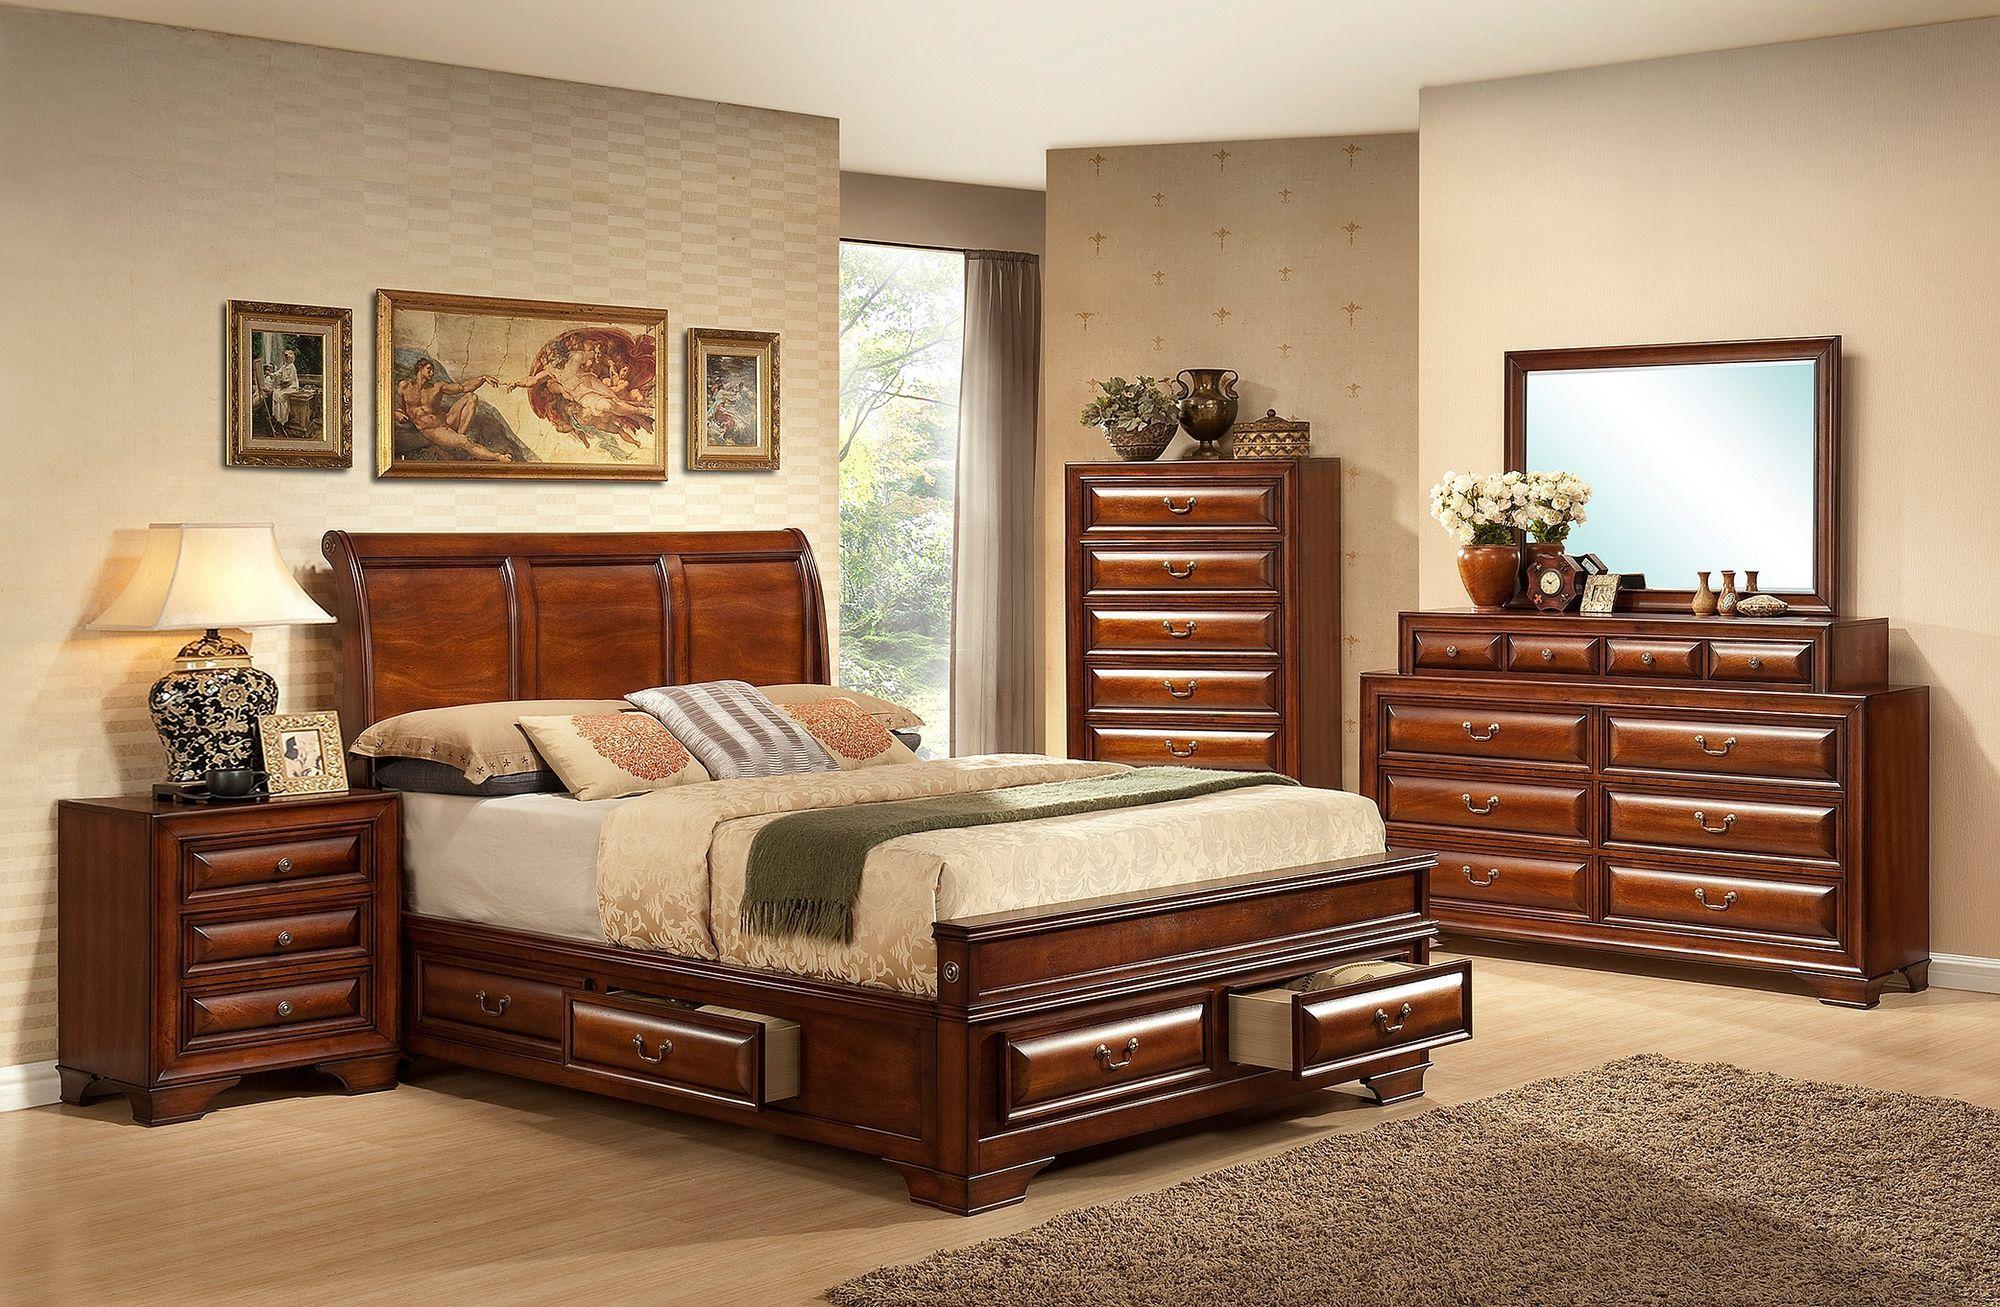 Fine Cheap Bedroom Sets Of Bedroom Bedroom Section Cheap Bedroom Sets Furniture Samantha Bedroom Set Master Bedroom Set Bedroom Set Bedroom Furniture Sets